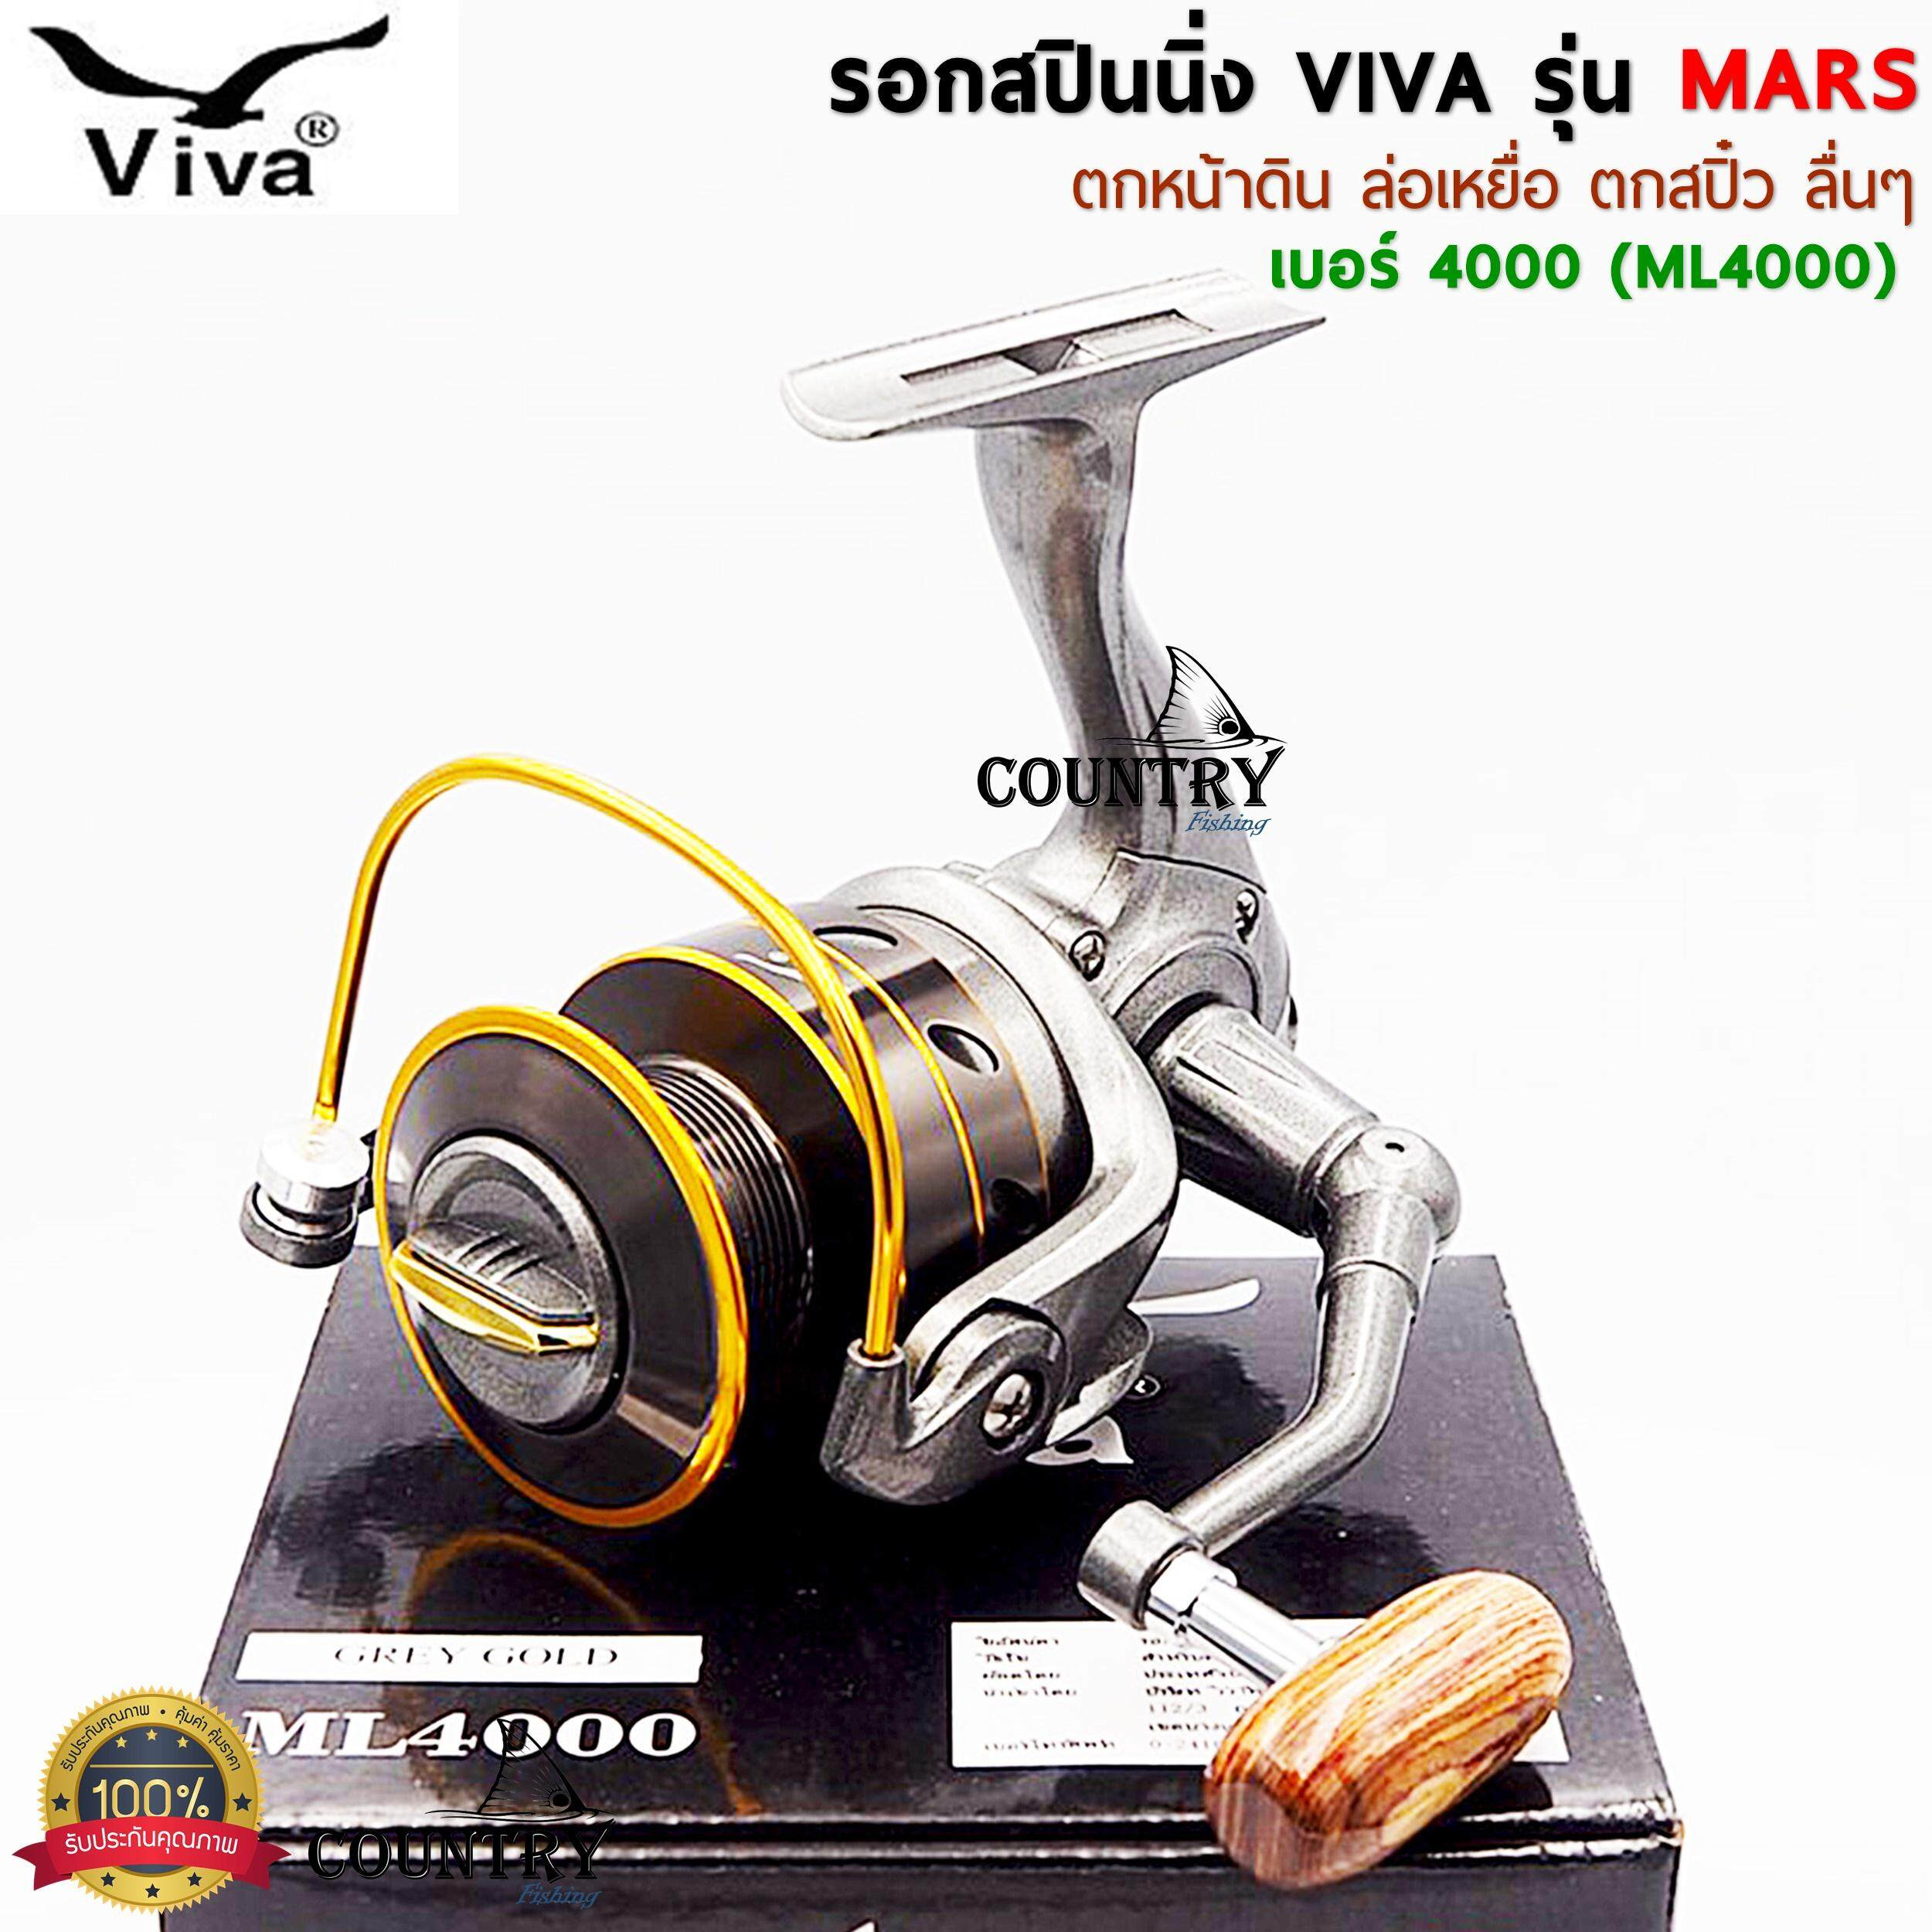 รอกสปินนิ่ง Viva รุ่น Mars (ml) เบอร์ 4000 มี 4 สีให้เลือก สินค้ายอดฮิตตลอดกาล.